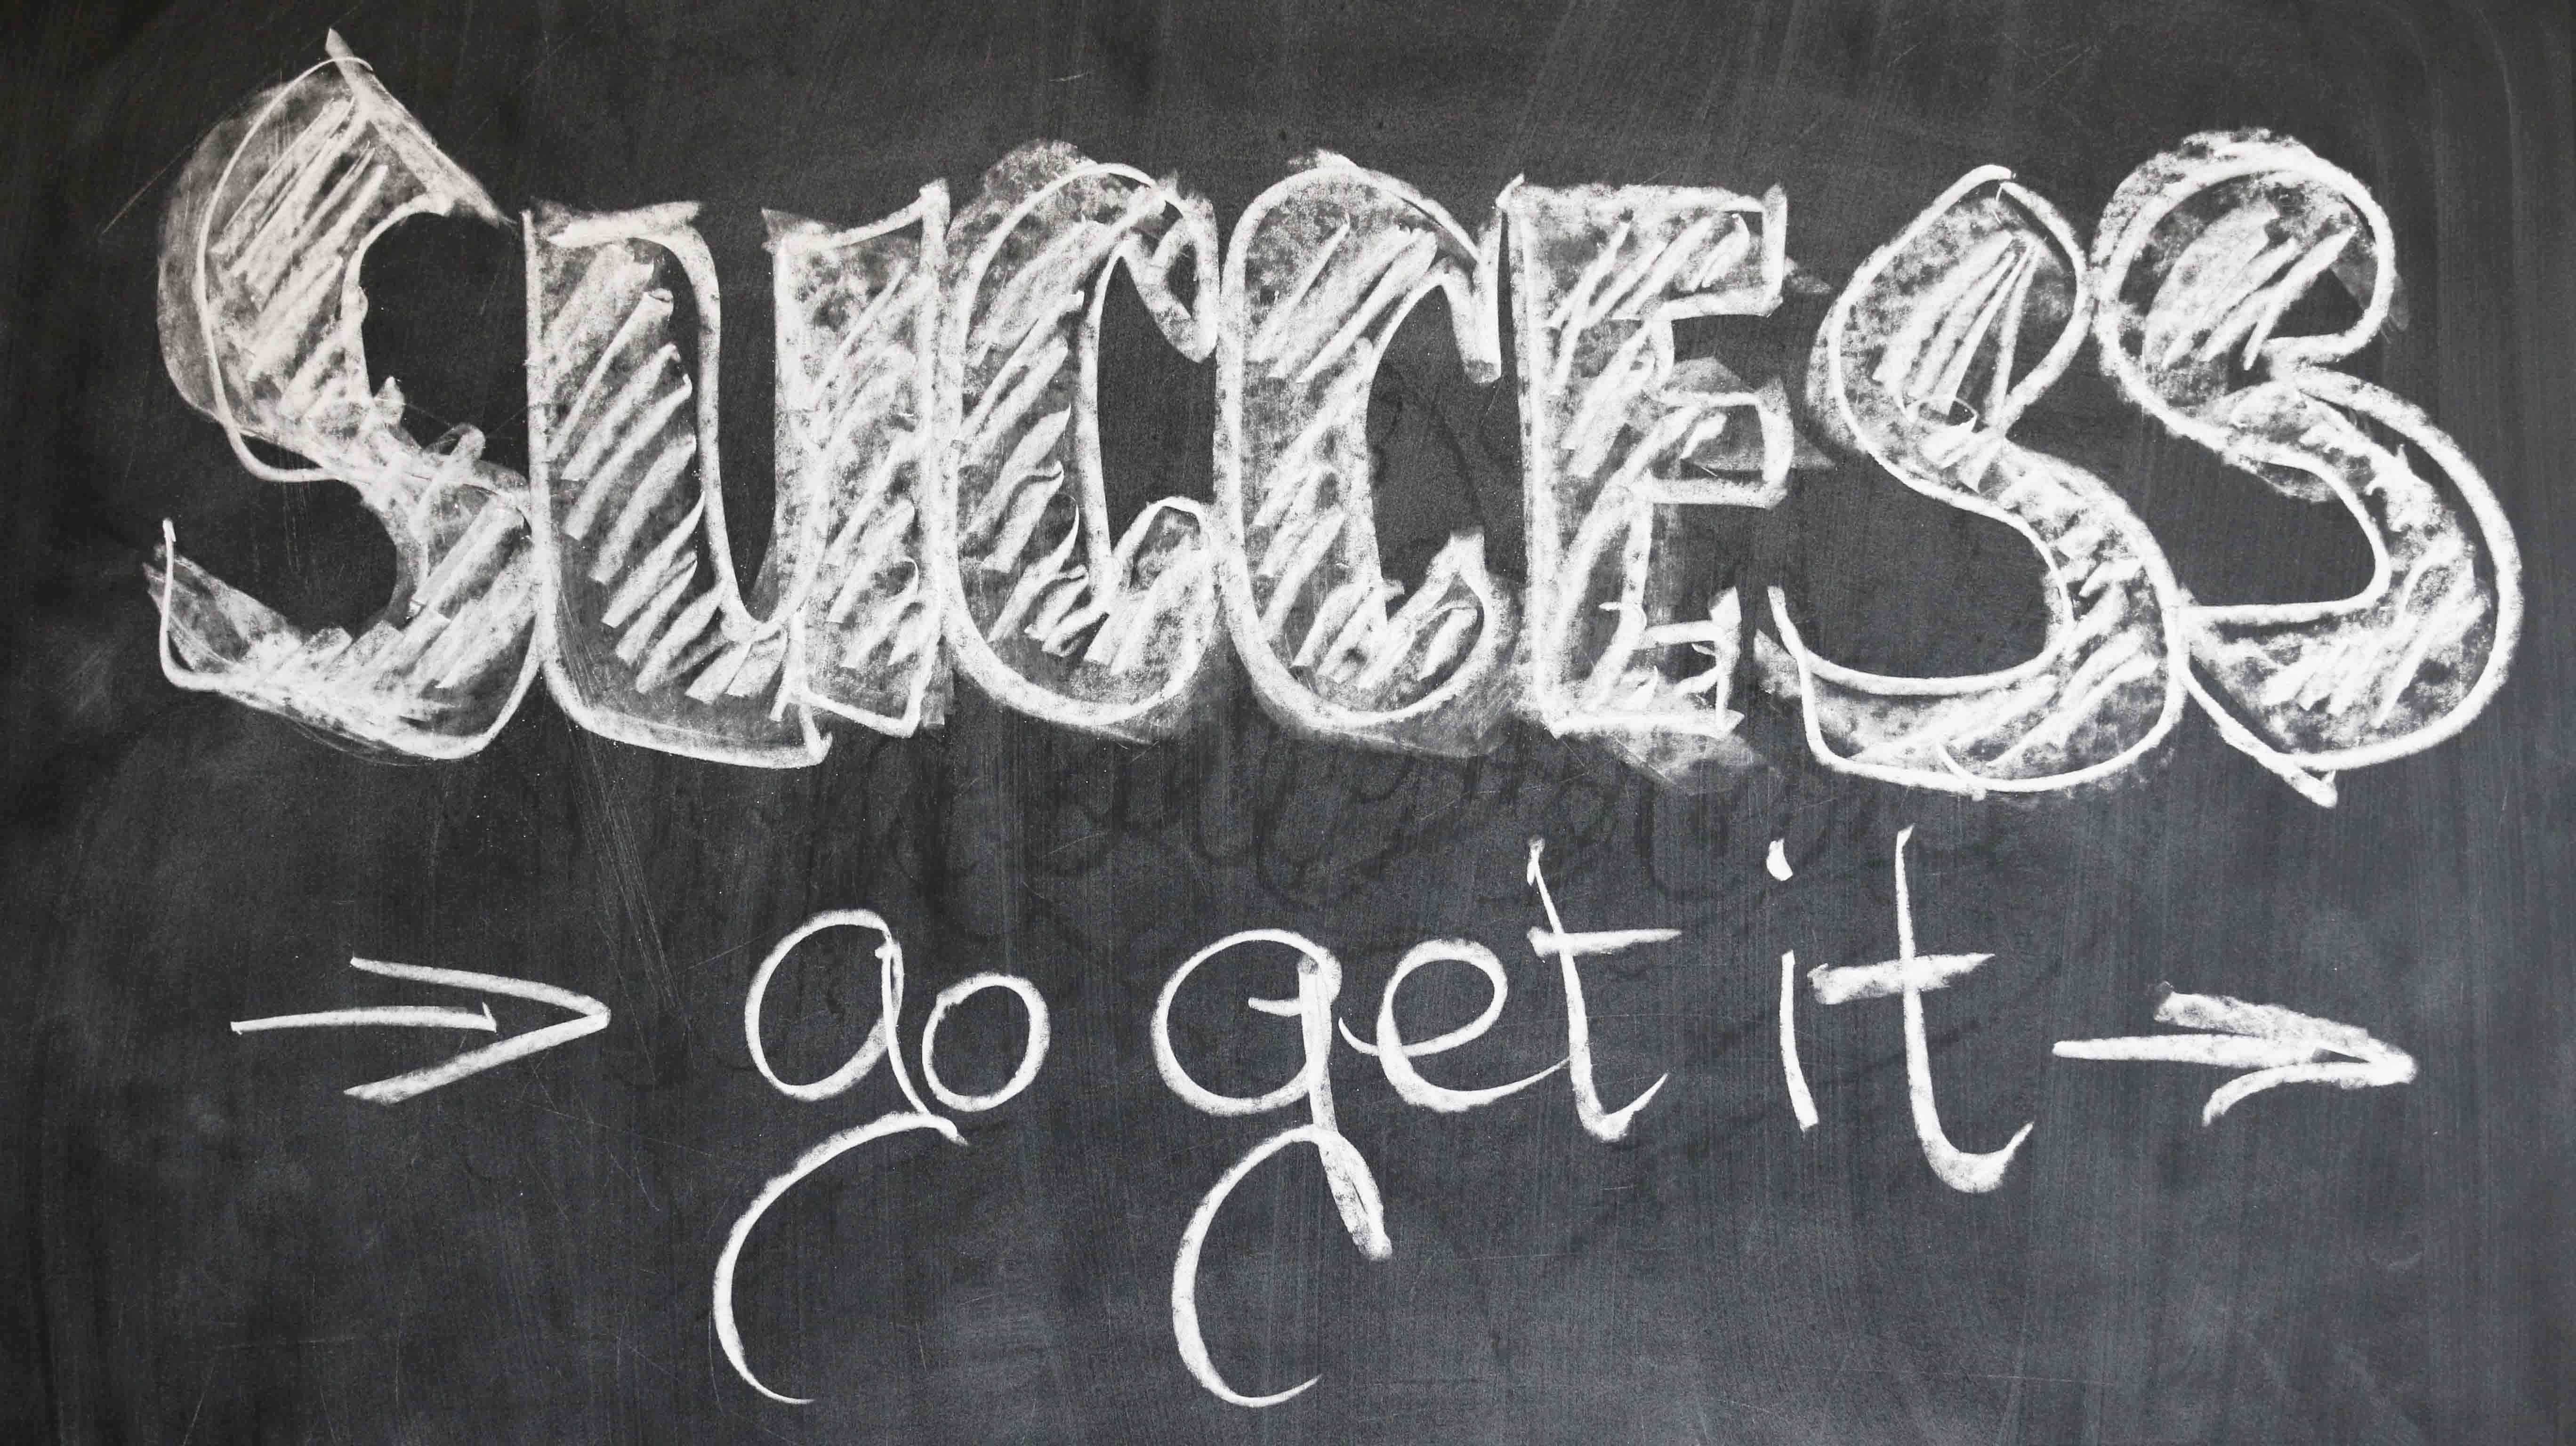 Success: go get it! Written in chalk on a blackboard